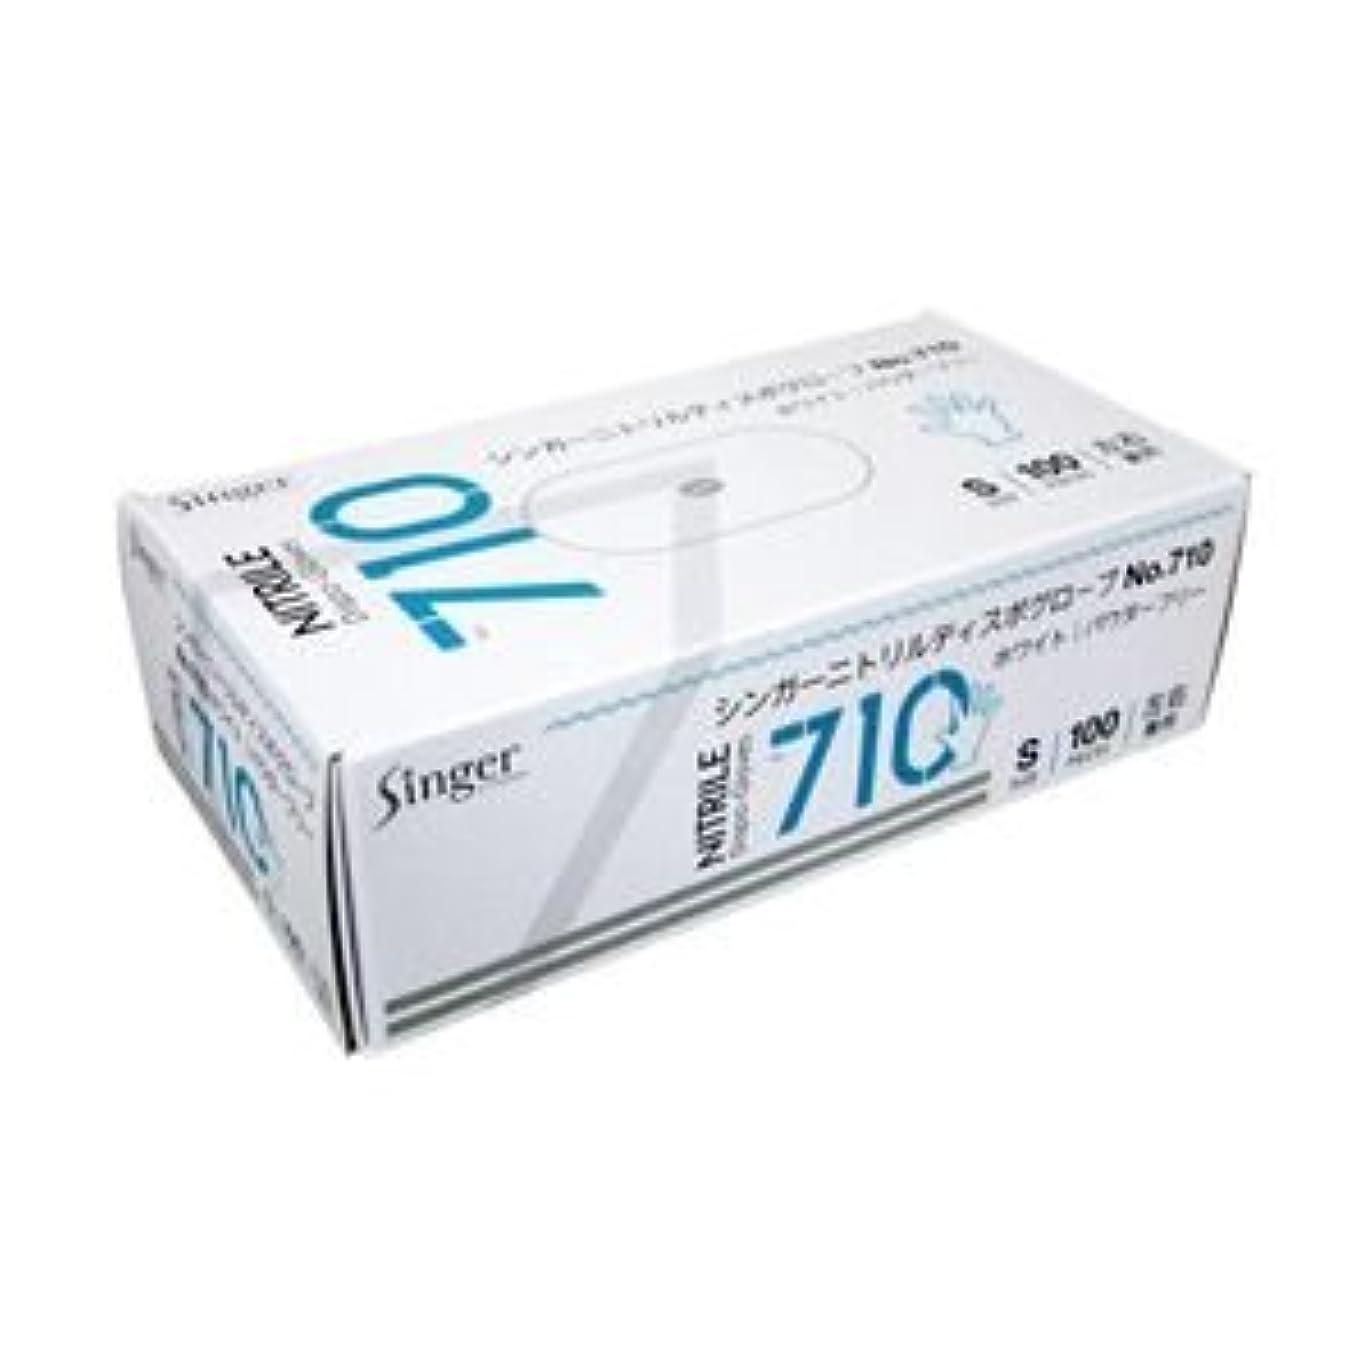 ペルソナトリム考古学者宇都宮製作 ニトリル手袋710 粉なし S 1箱(100枚) ×5セット